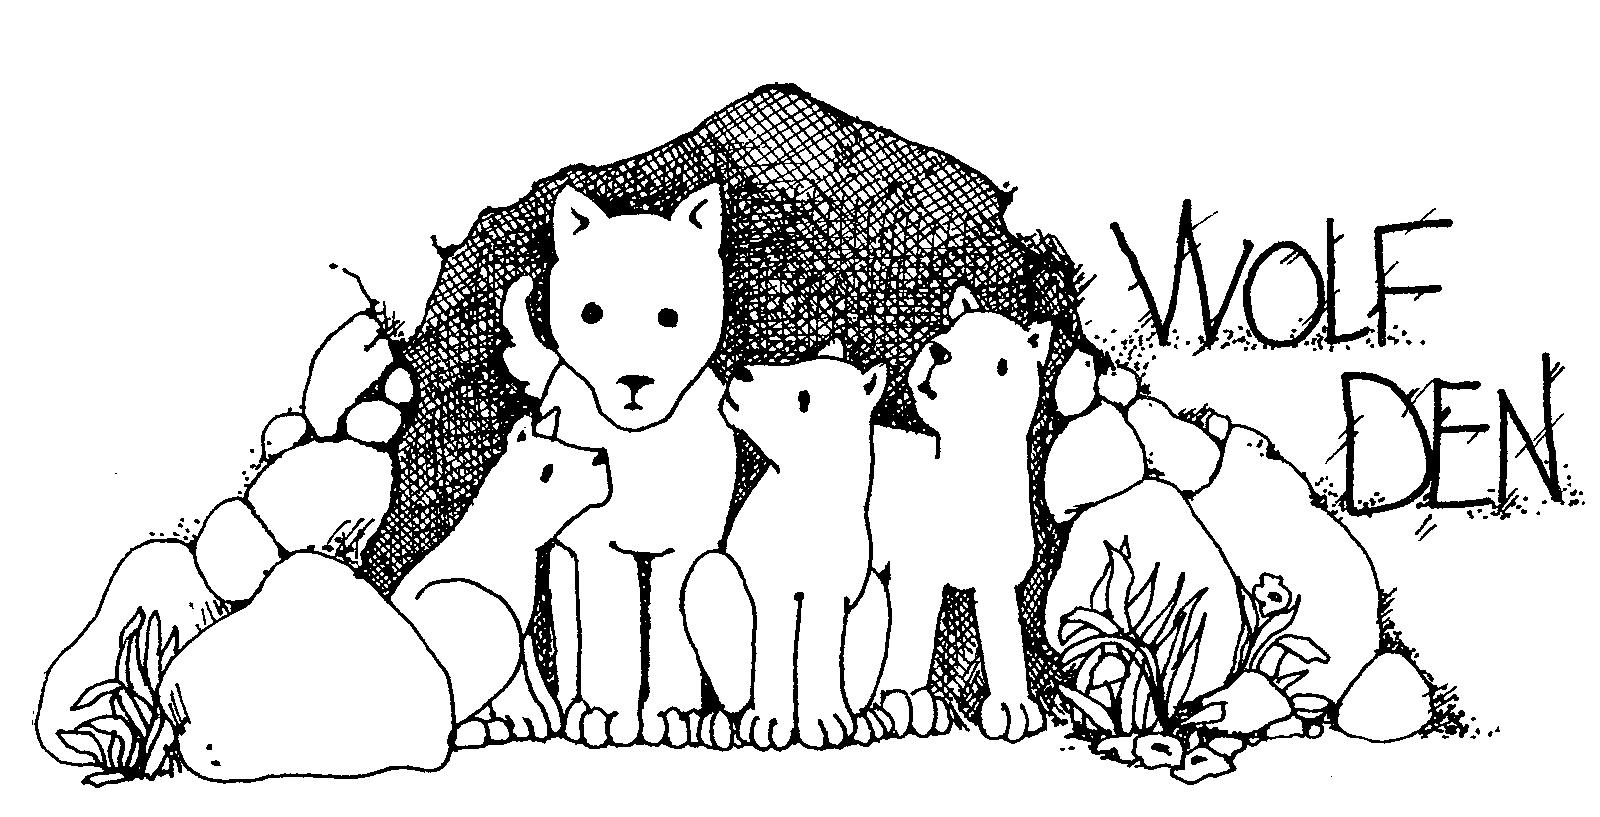 Wolf clipart drawn  Den Wolf 1600x817 Resolution